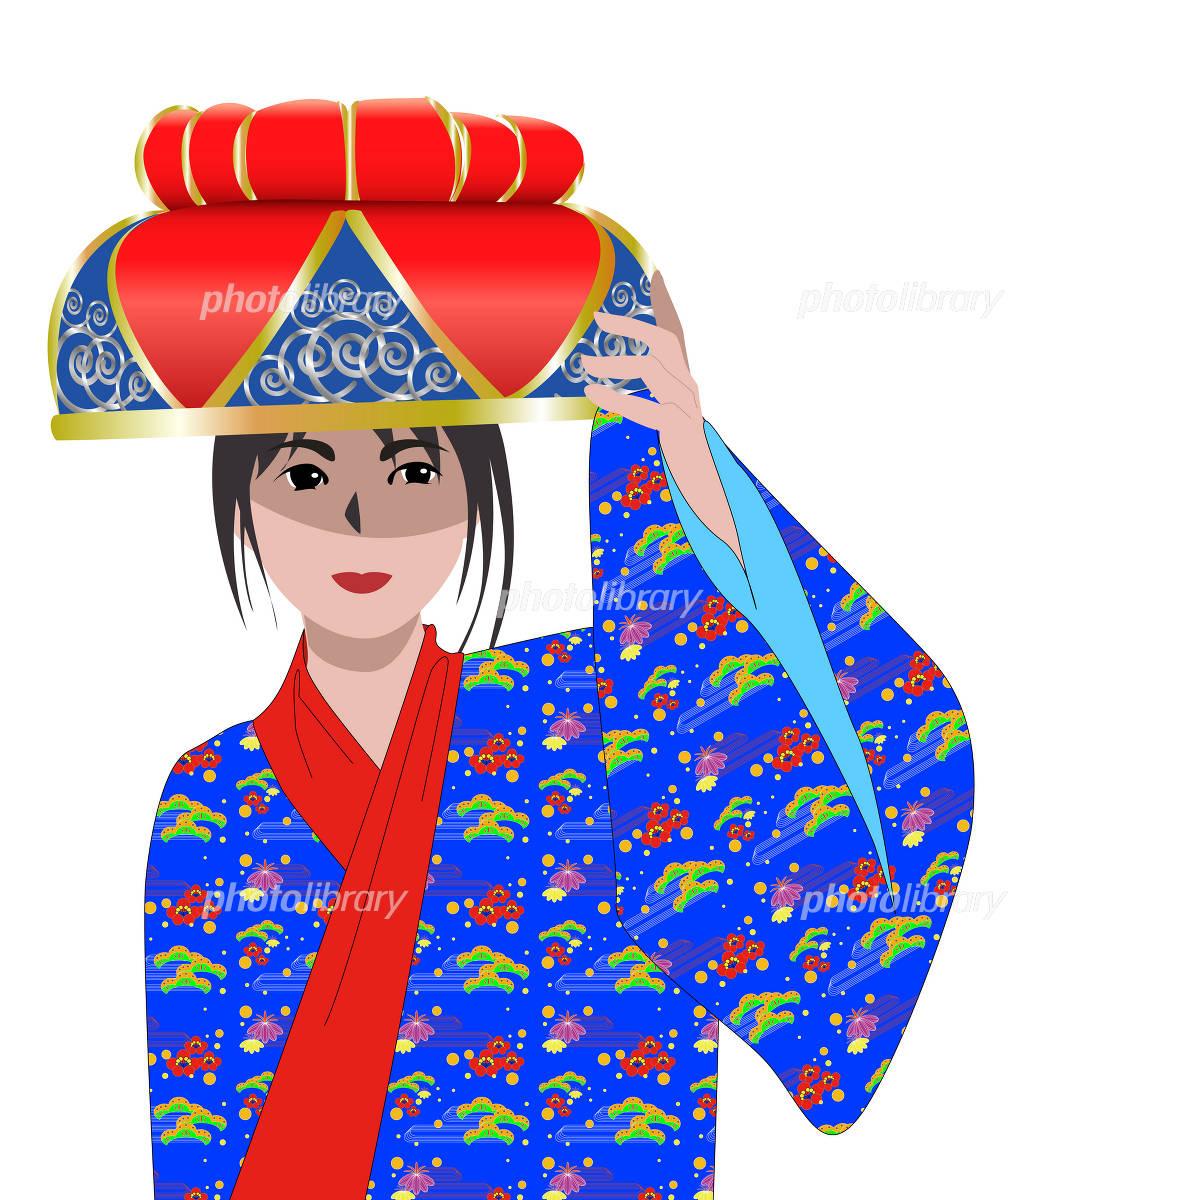 沖縄民族衣装を着た女性 イラスト素材 433384 無料 フォトライブ